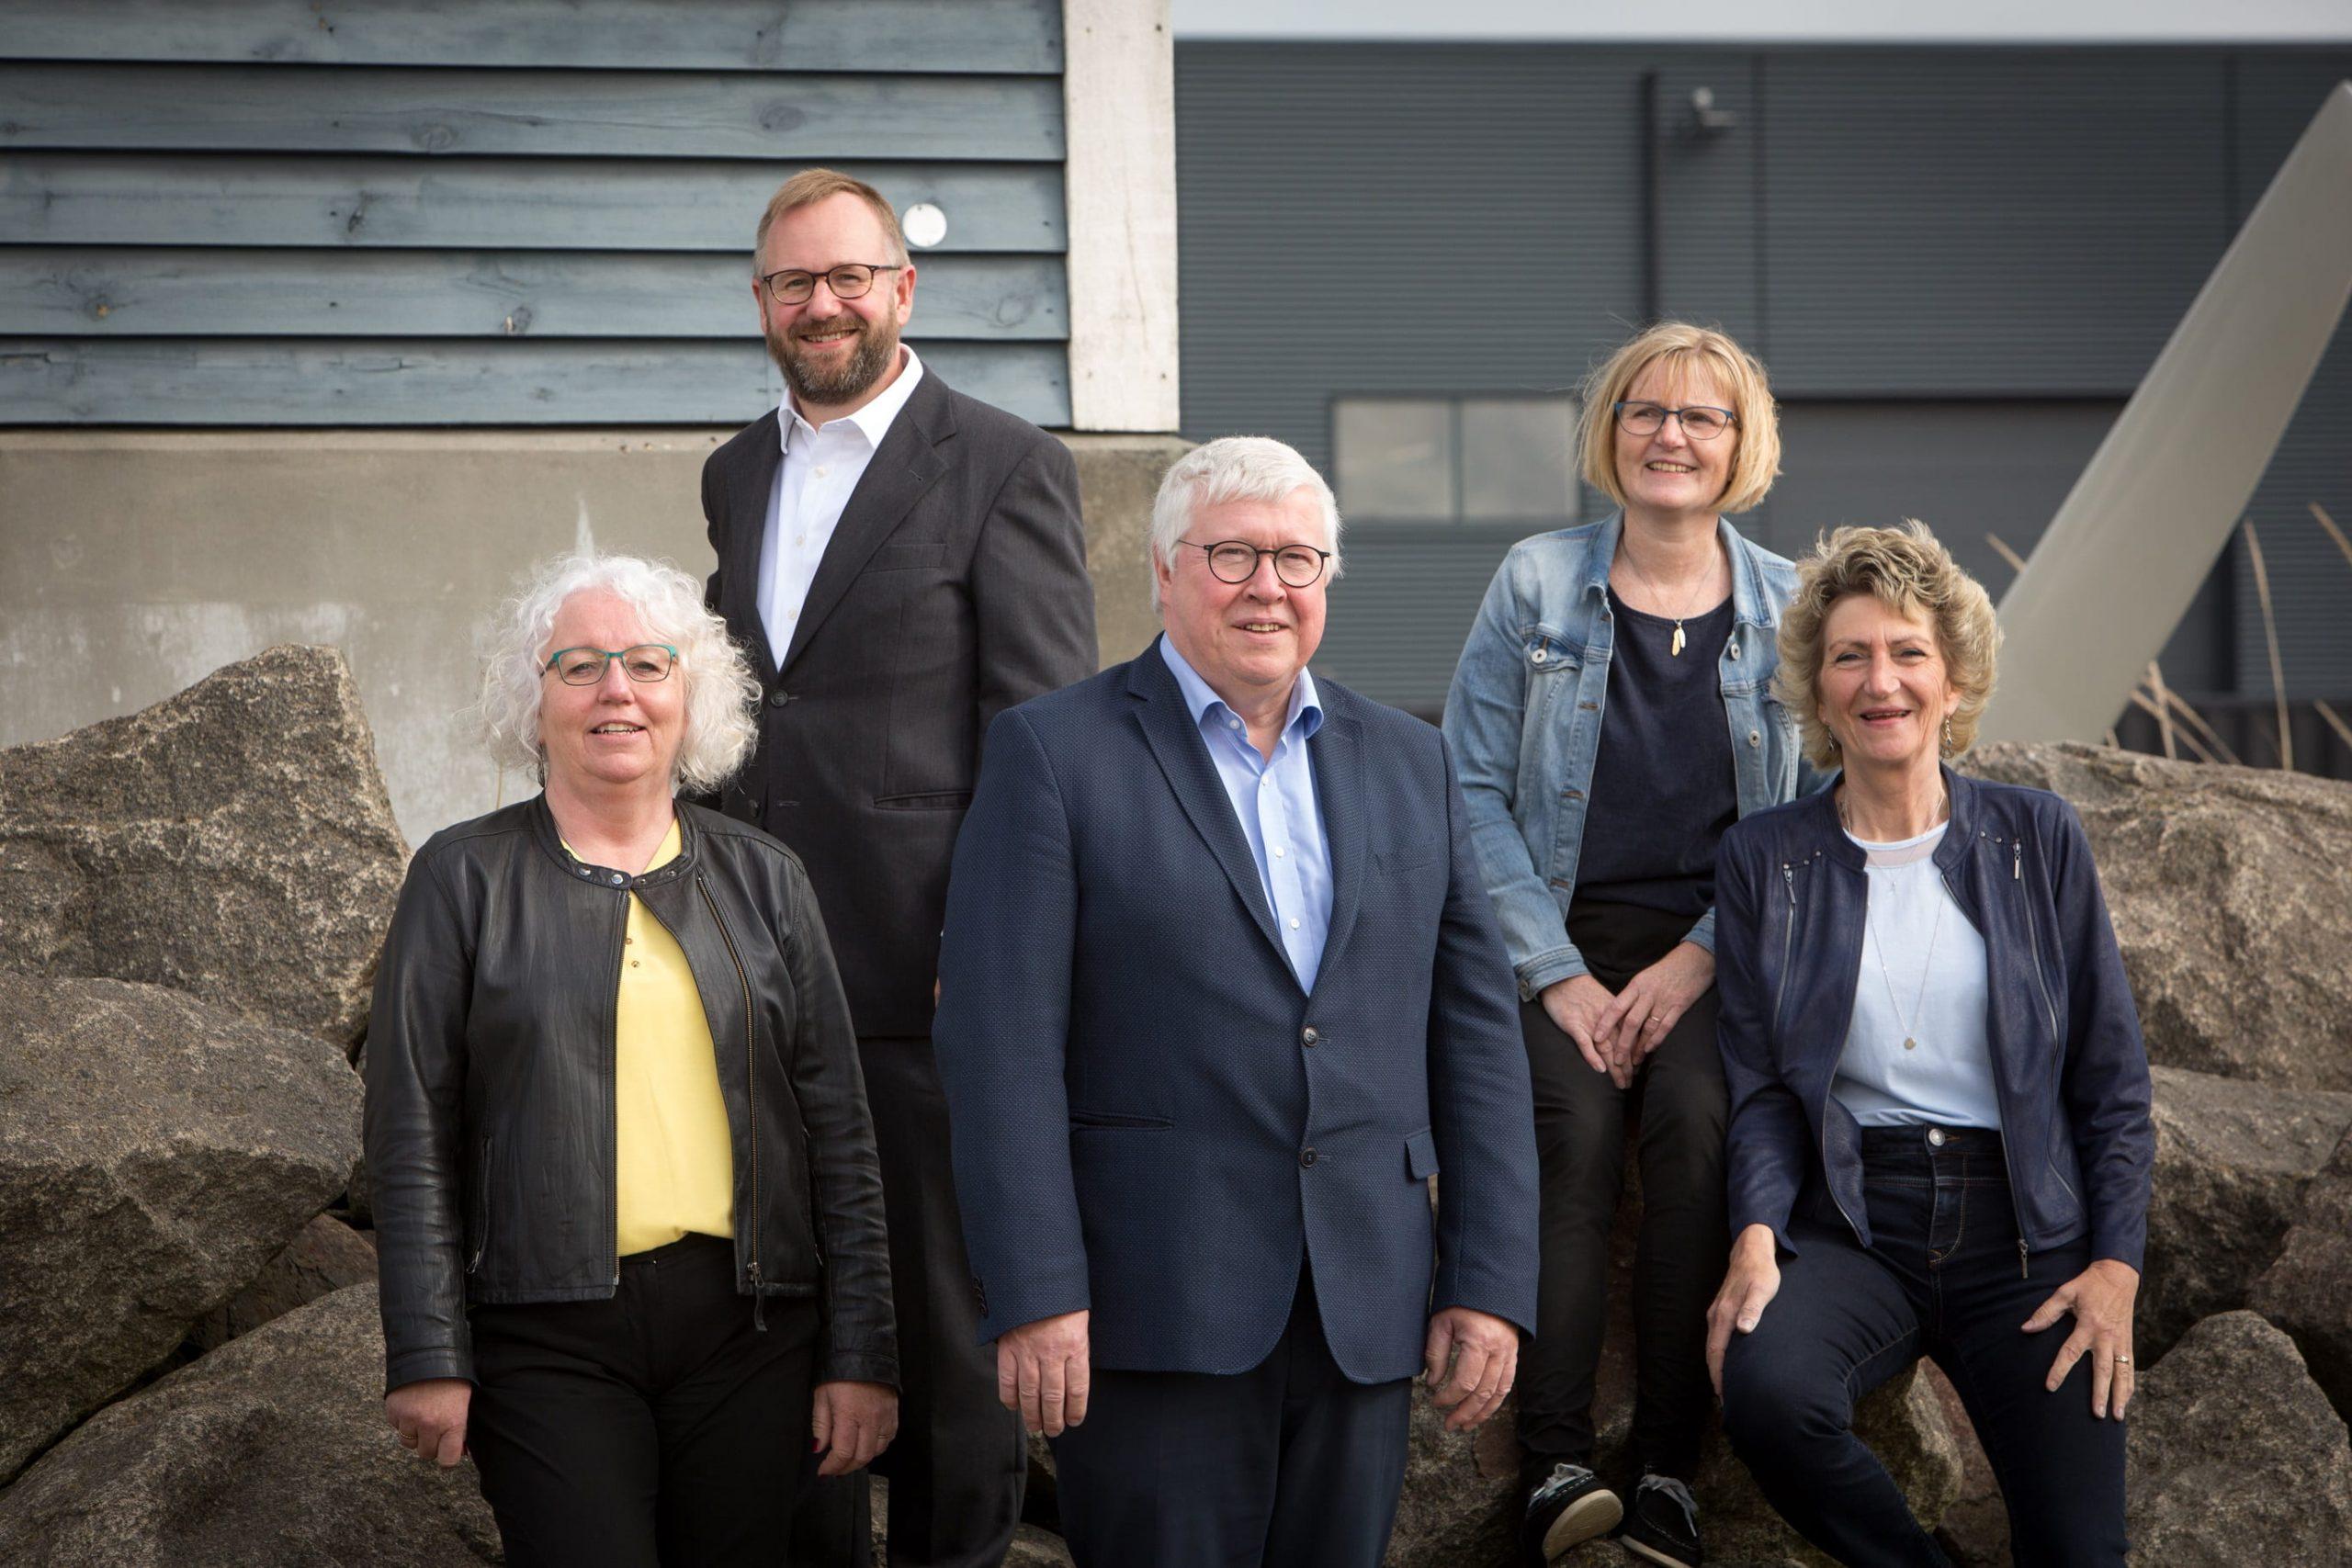 Advokatfirmaet Allan B. Møller & Asger Toft gennemfører og rådfører ved tvangsauktioner